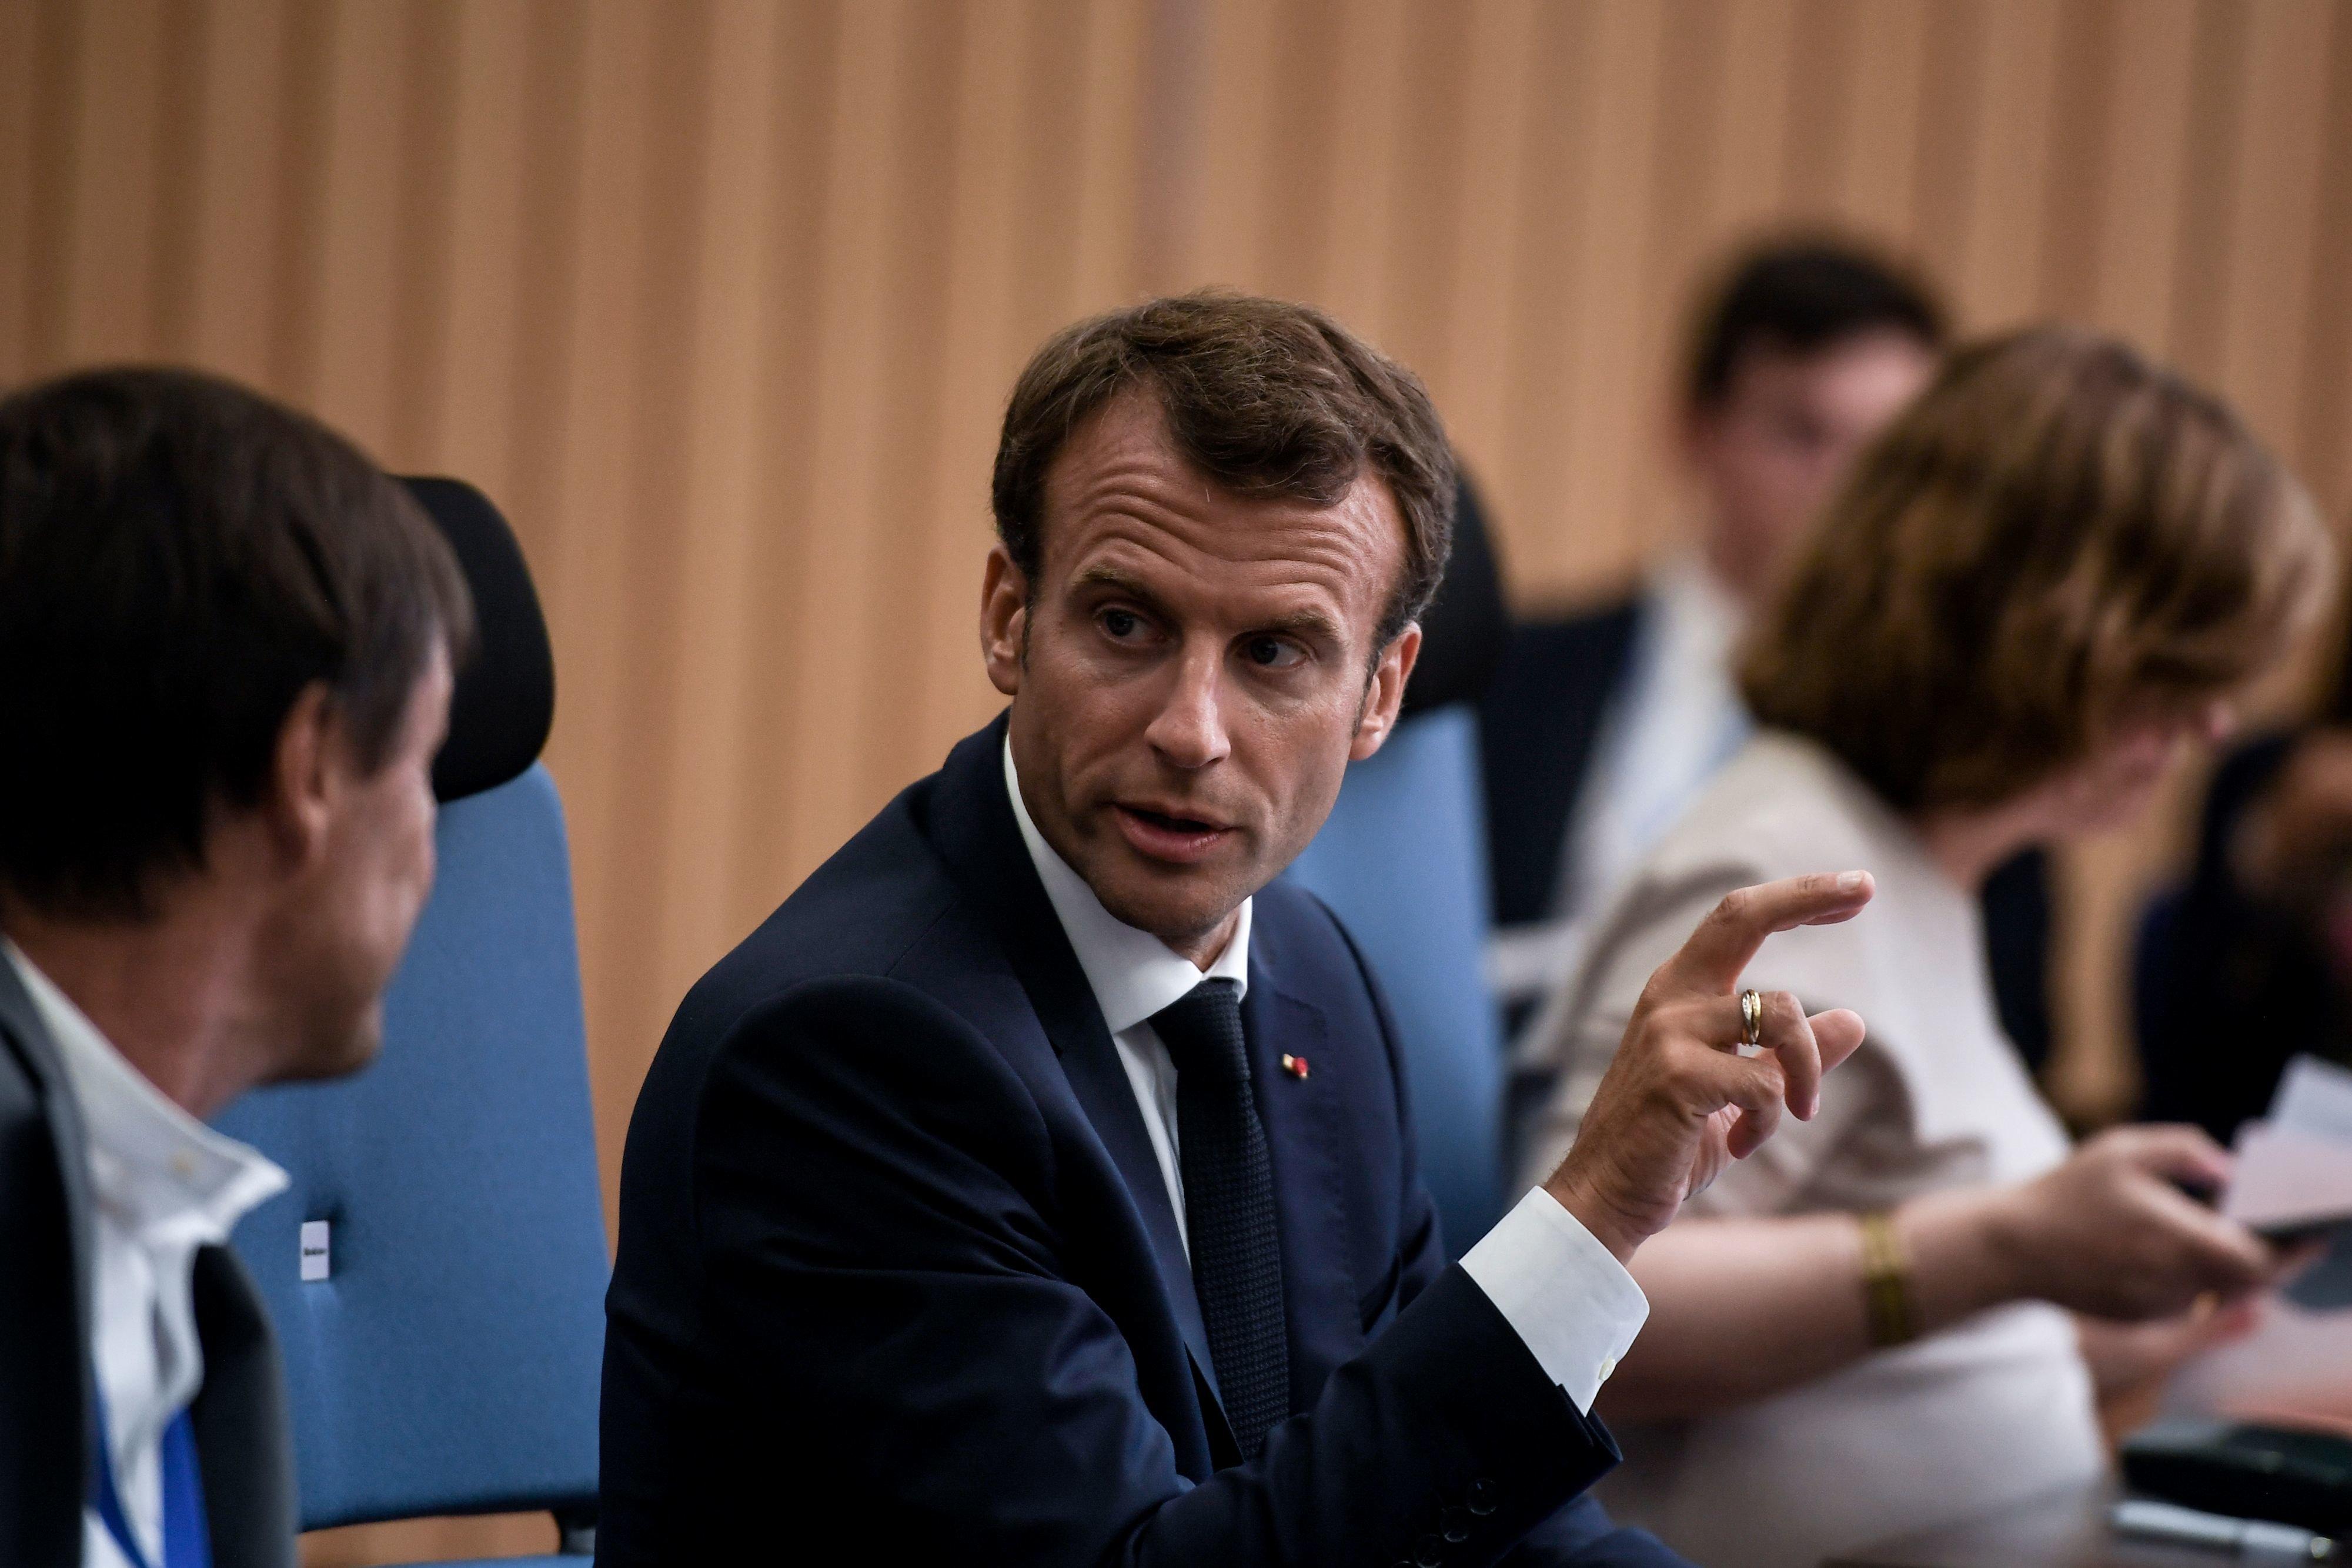 Skandal um Bodyguard lässt Macron in Umfrage auf Rekordtief abstürzen – ein Wert ist besonders